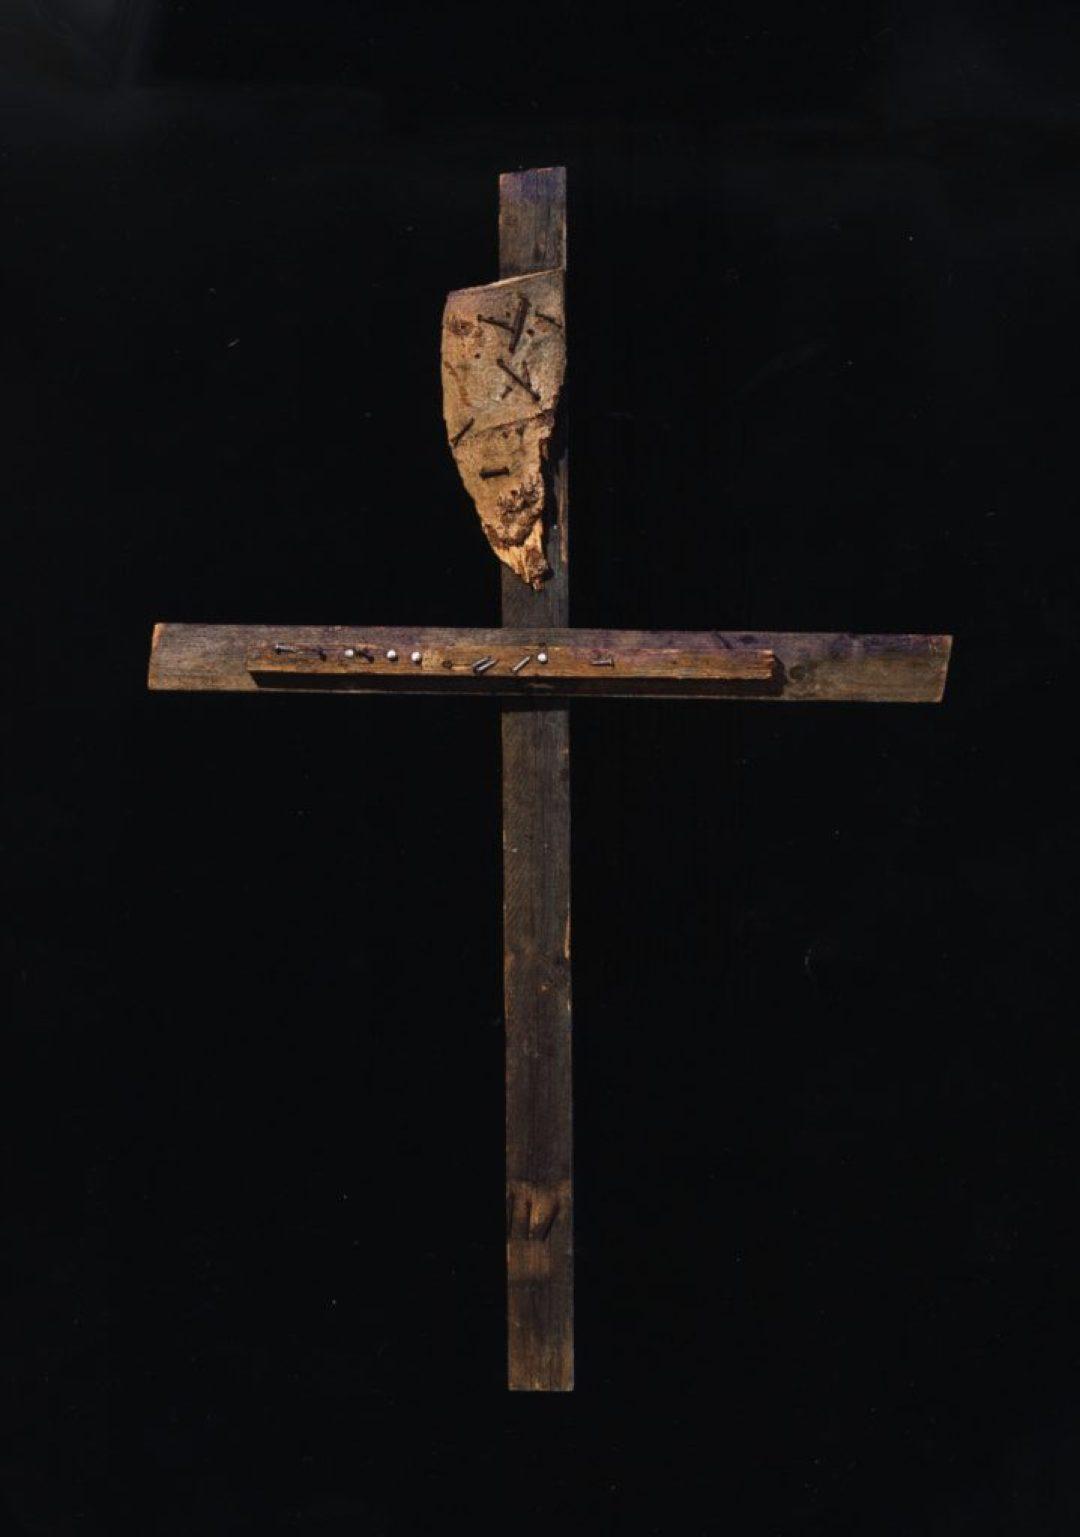 Jean-Pol Godart, sans titre, entre 1994 et 2004, bois et métal, 142 x 91 cm (photo Prodia)